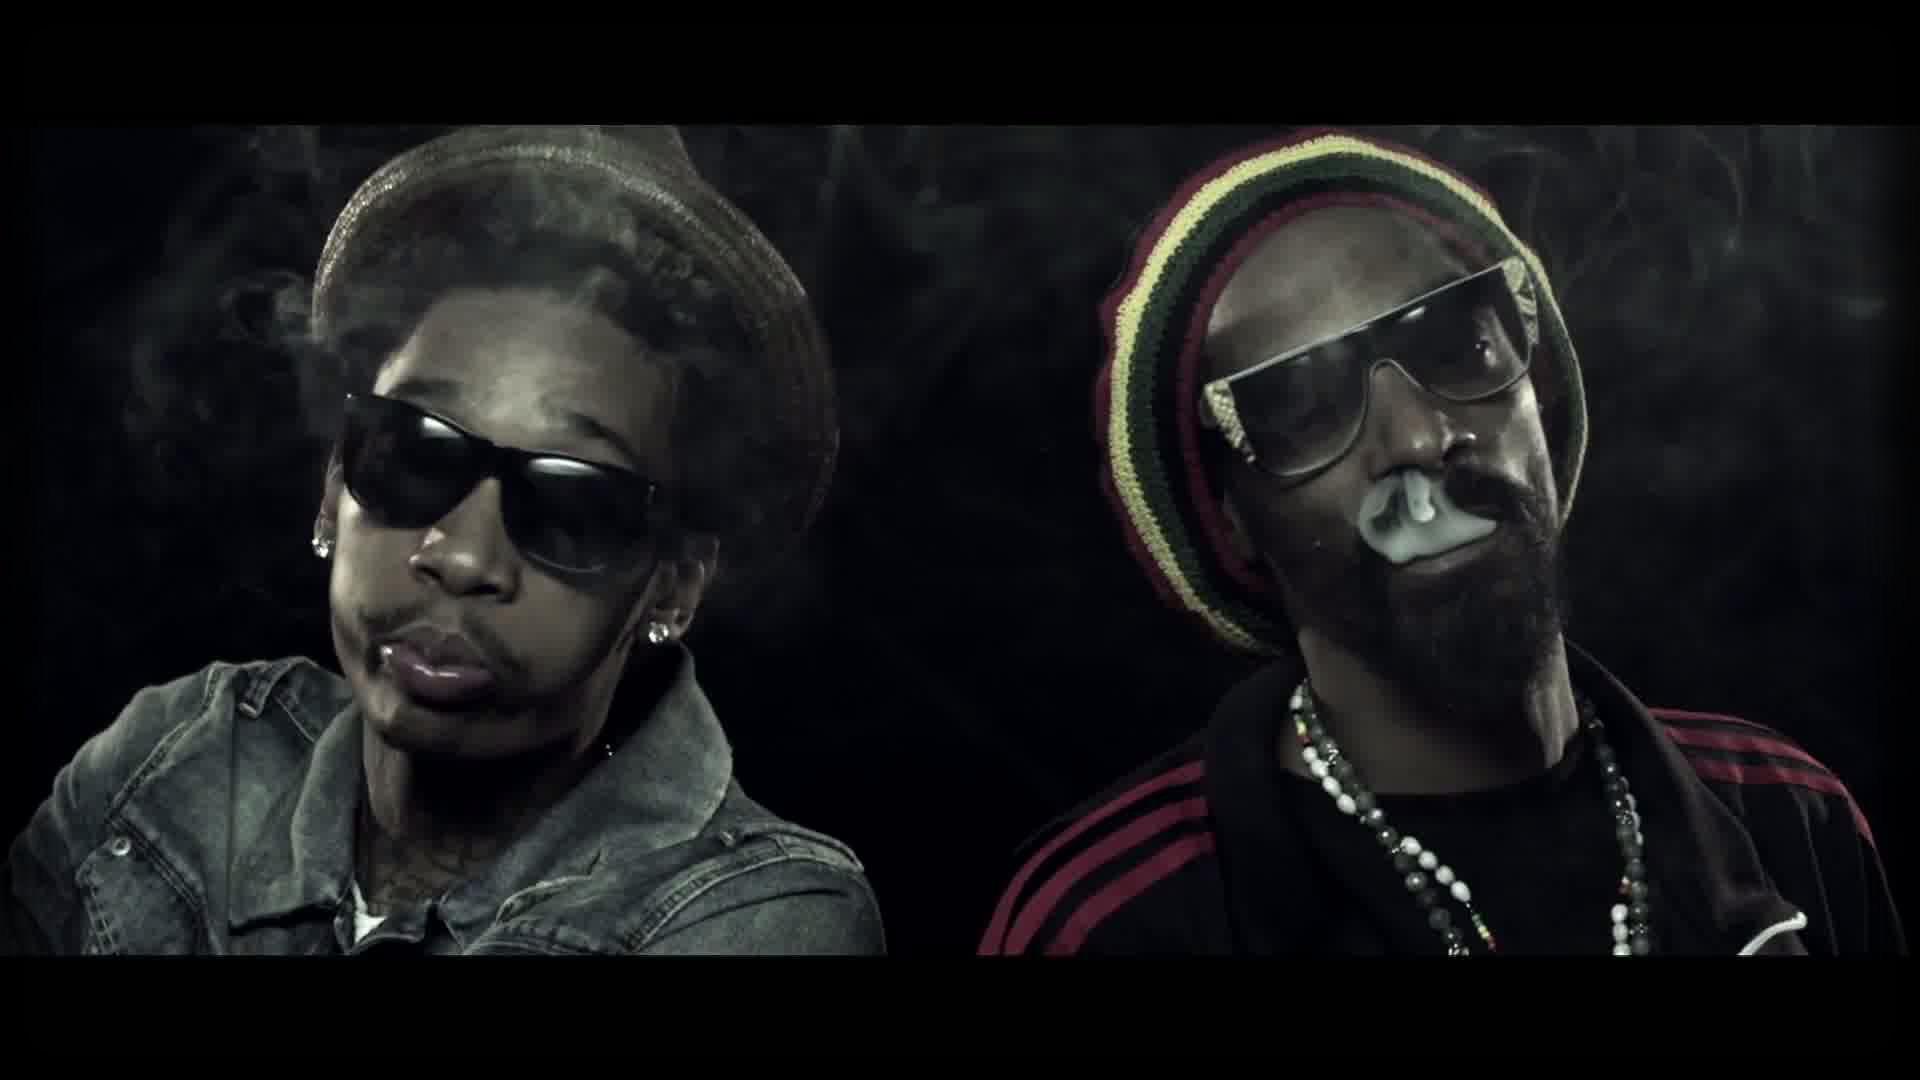 SNOOP DOGG KHALIFA snoop dogg gangsta hip hop hip hop rap wallpaper 1920x1080